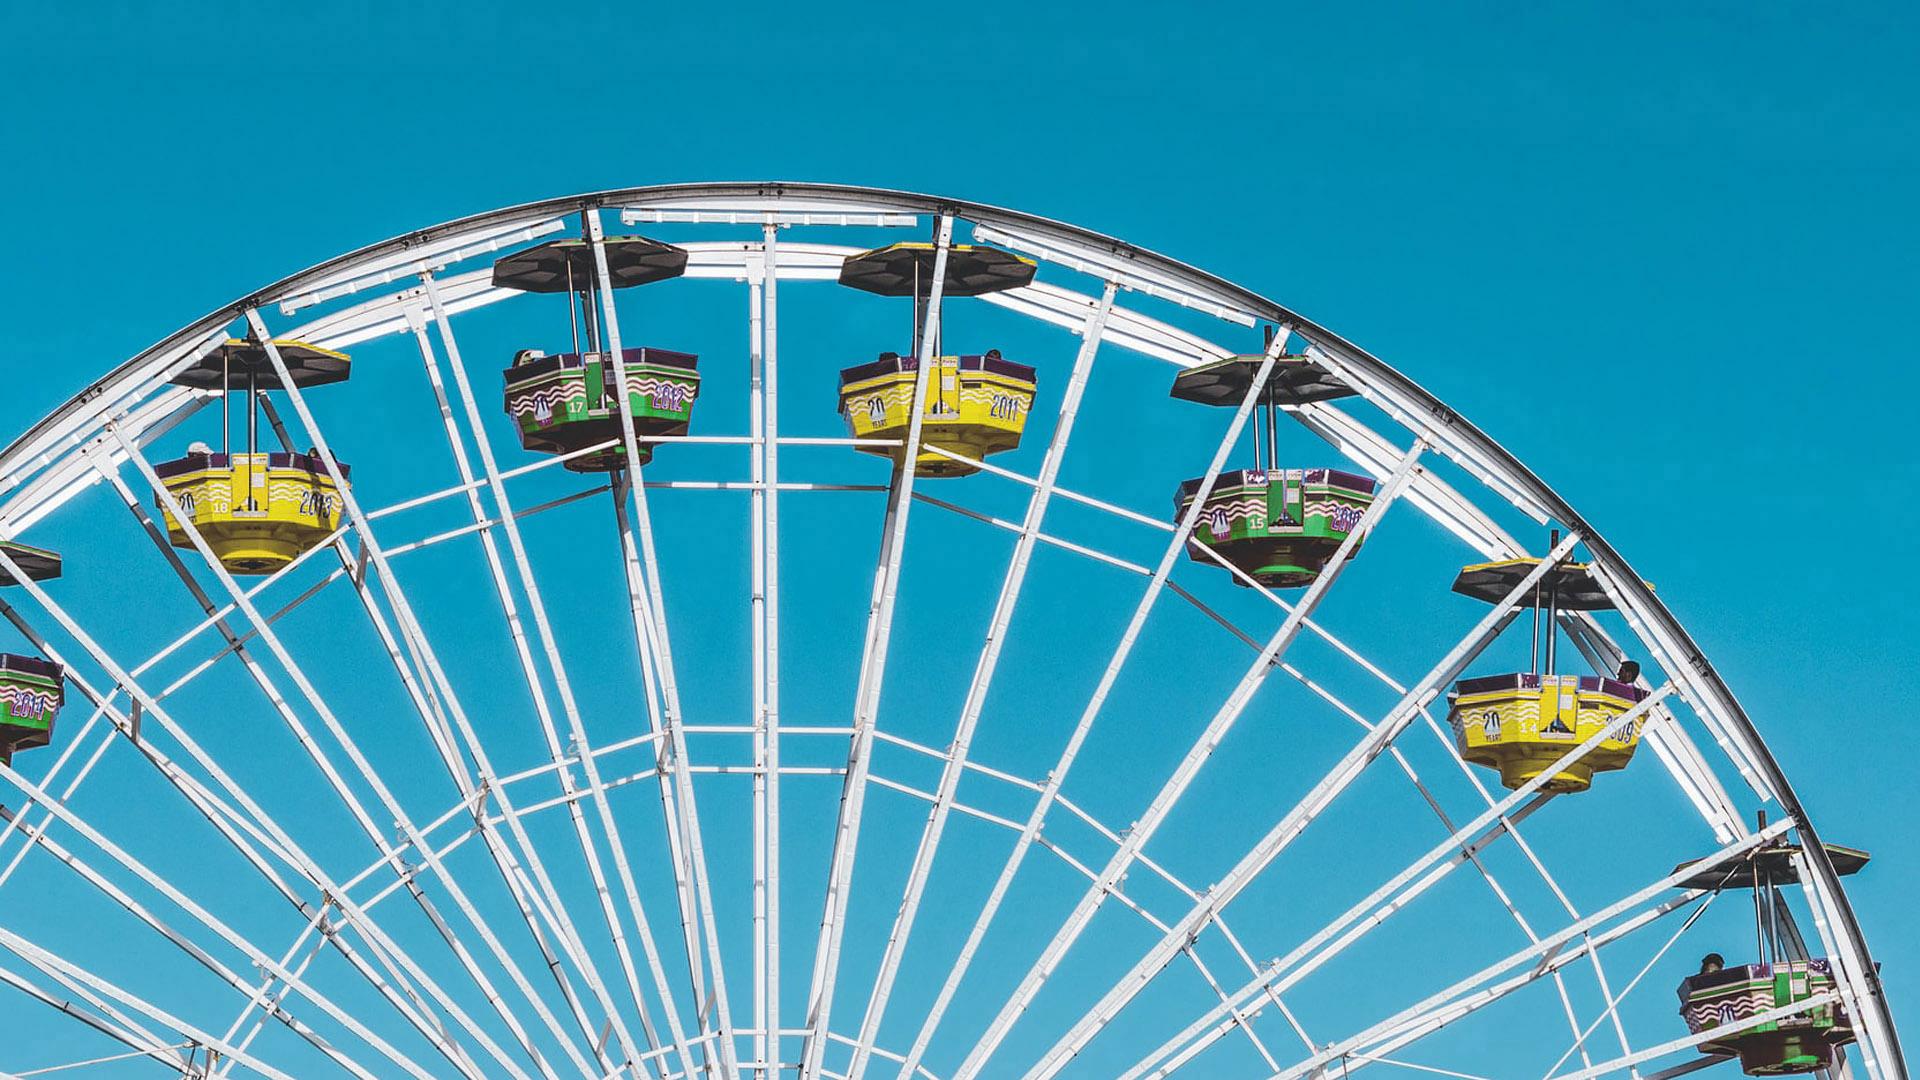 summertime ferris wheel